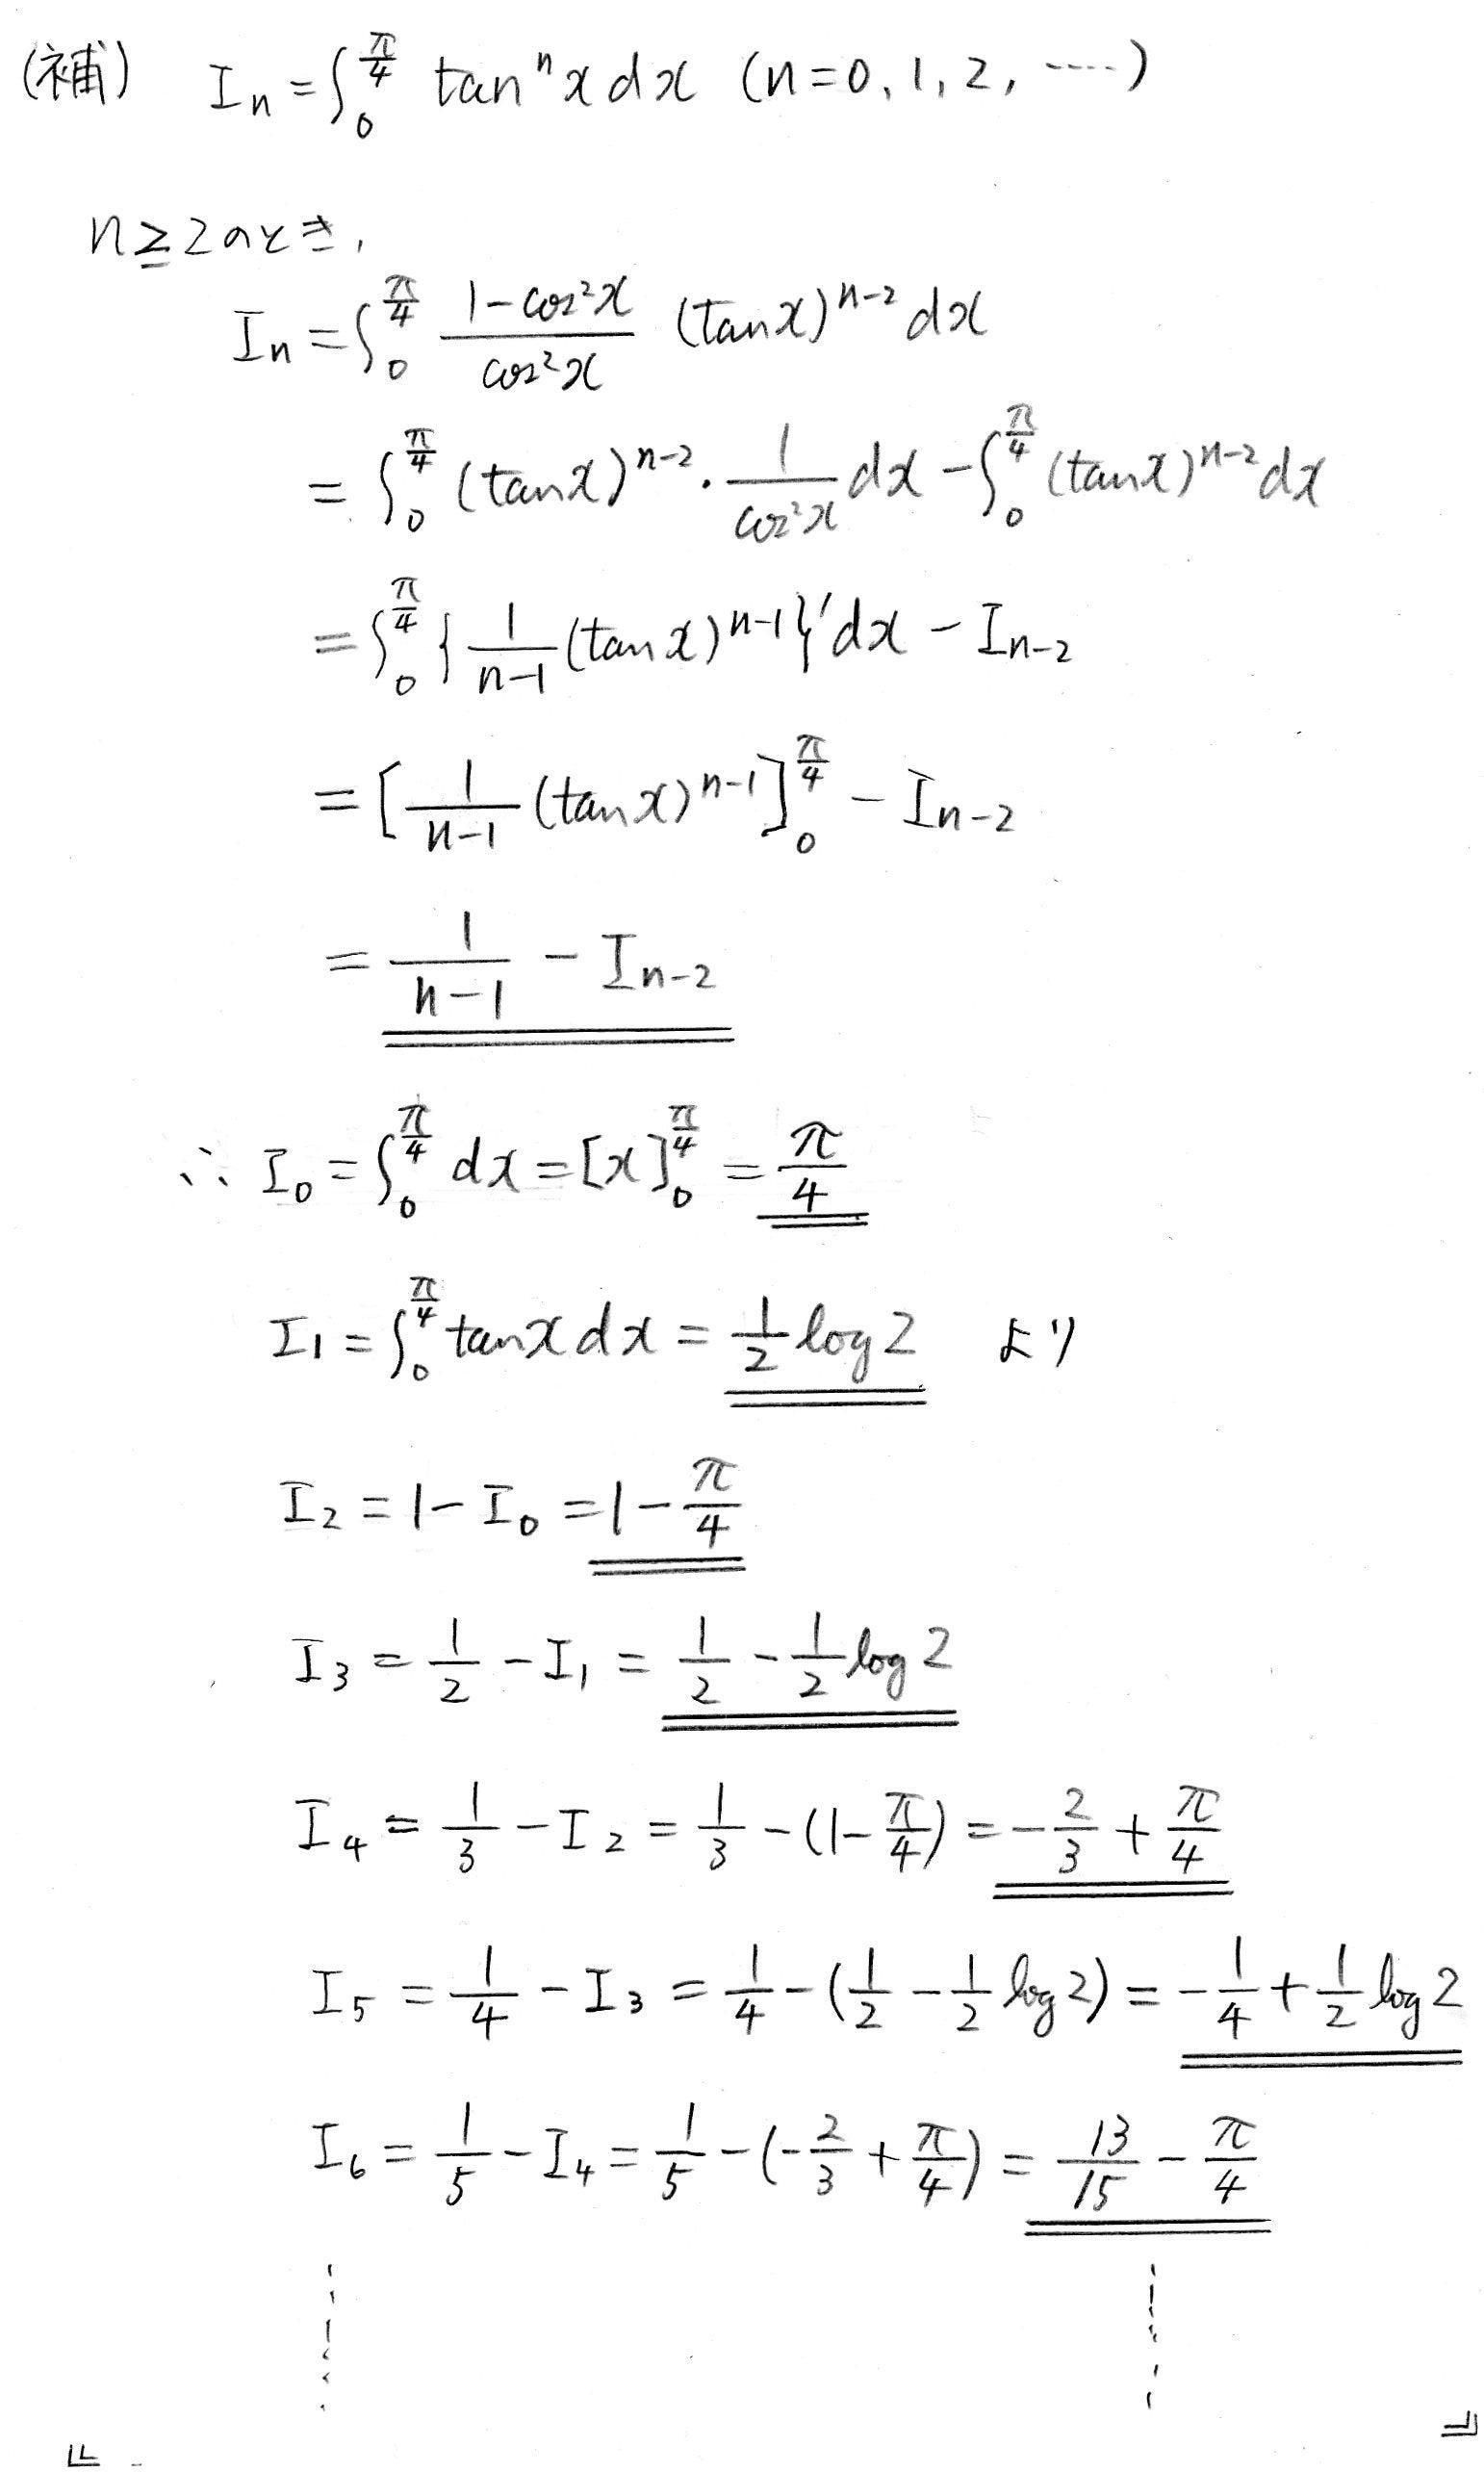 2016年 長崎大學・理系 數學 第5問   ますいしいのブログ